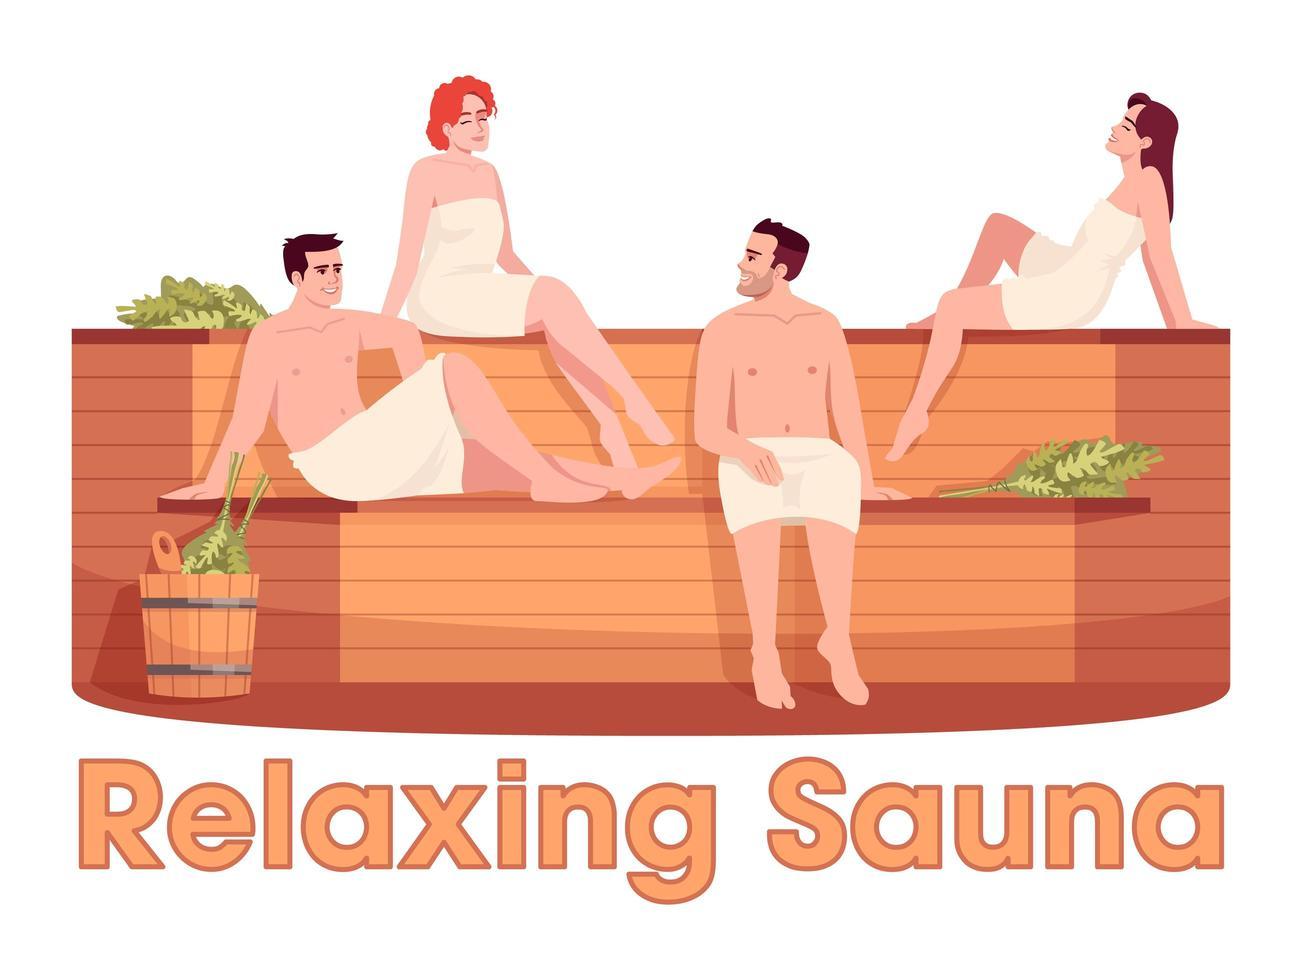 finse sauna semi flat rgb kleur vector